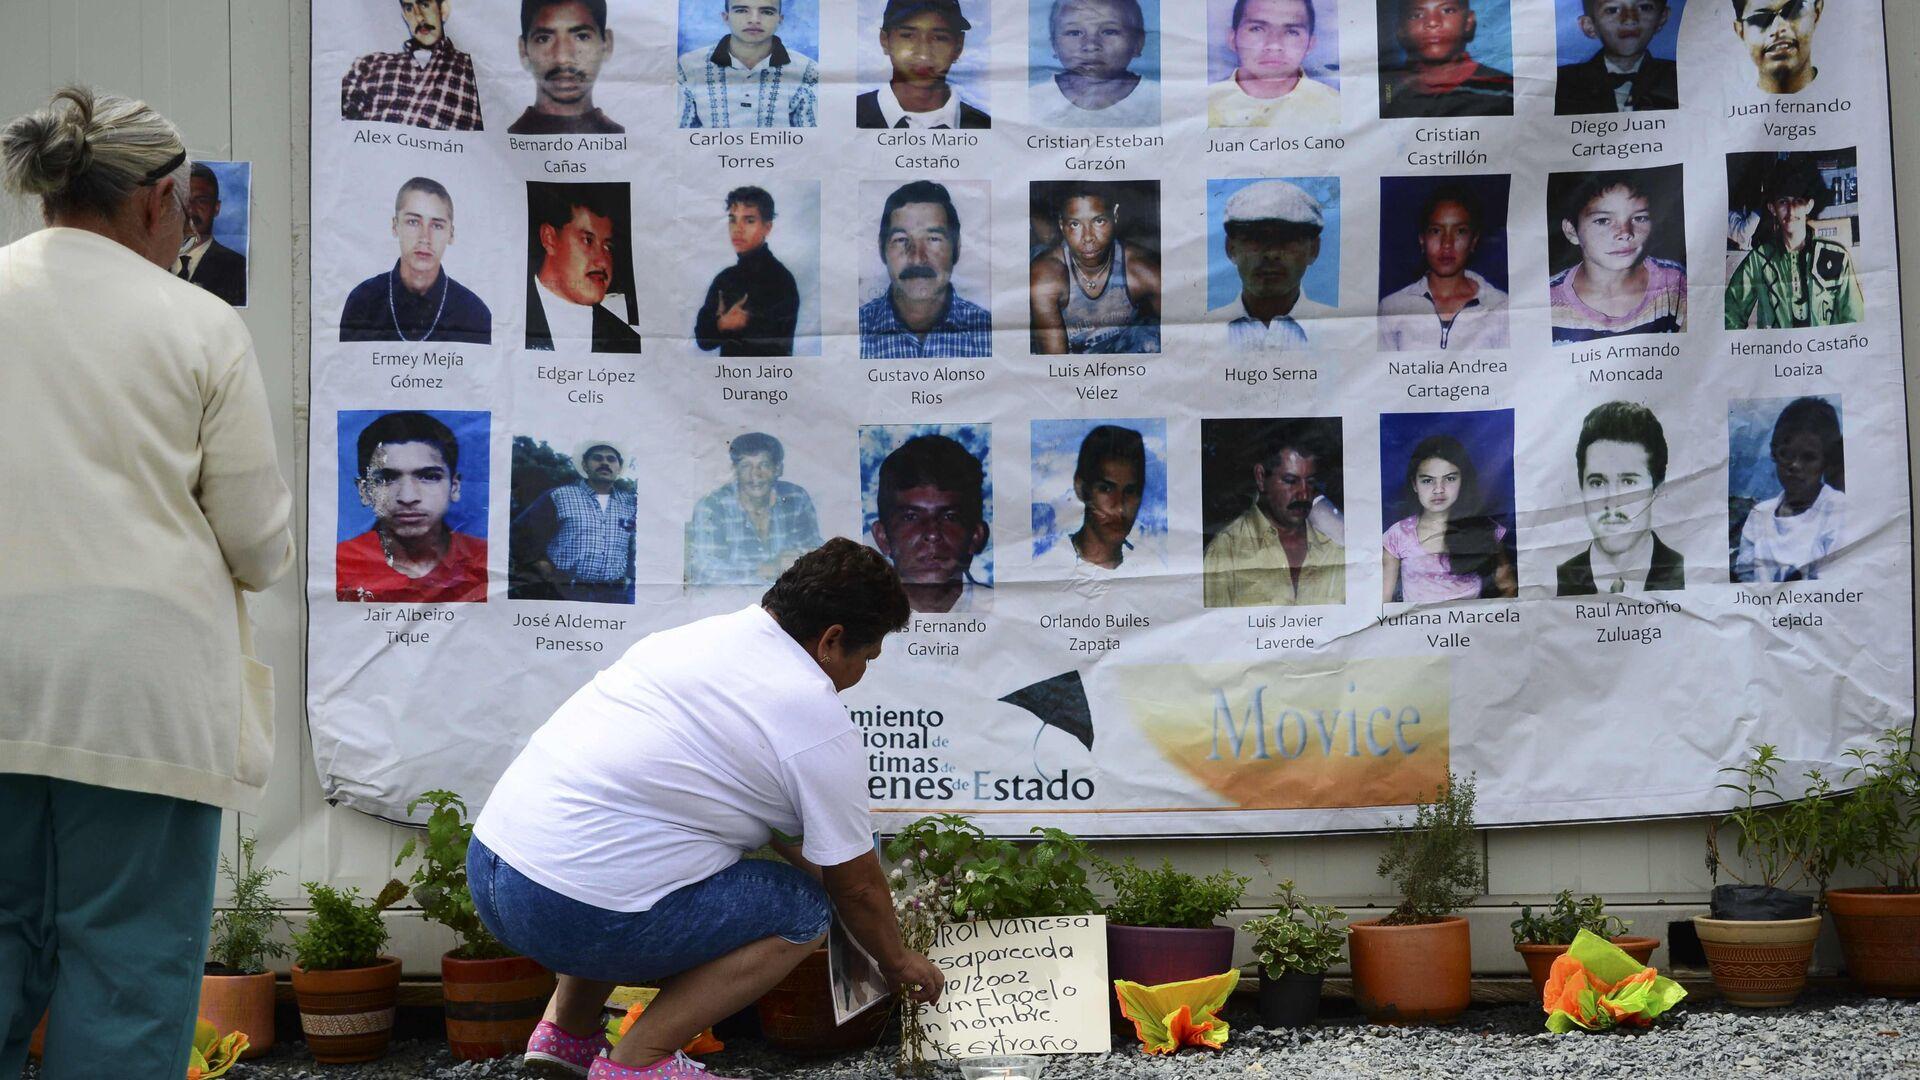 Fotos de los desaparecidos en Colombia - Sputnik Mundo, 1920, 27.09.2021